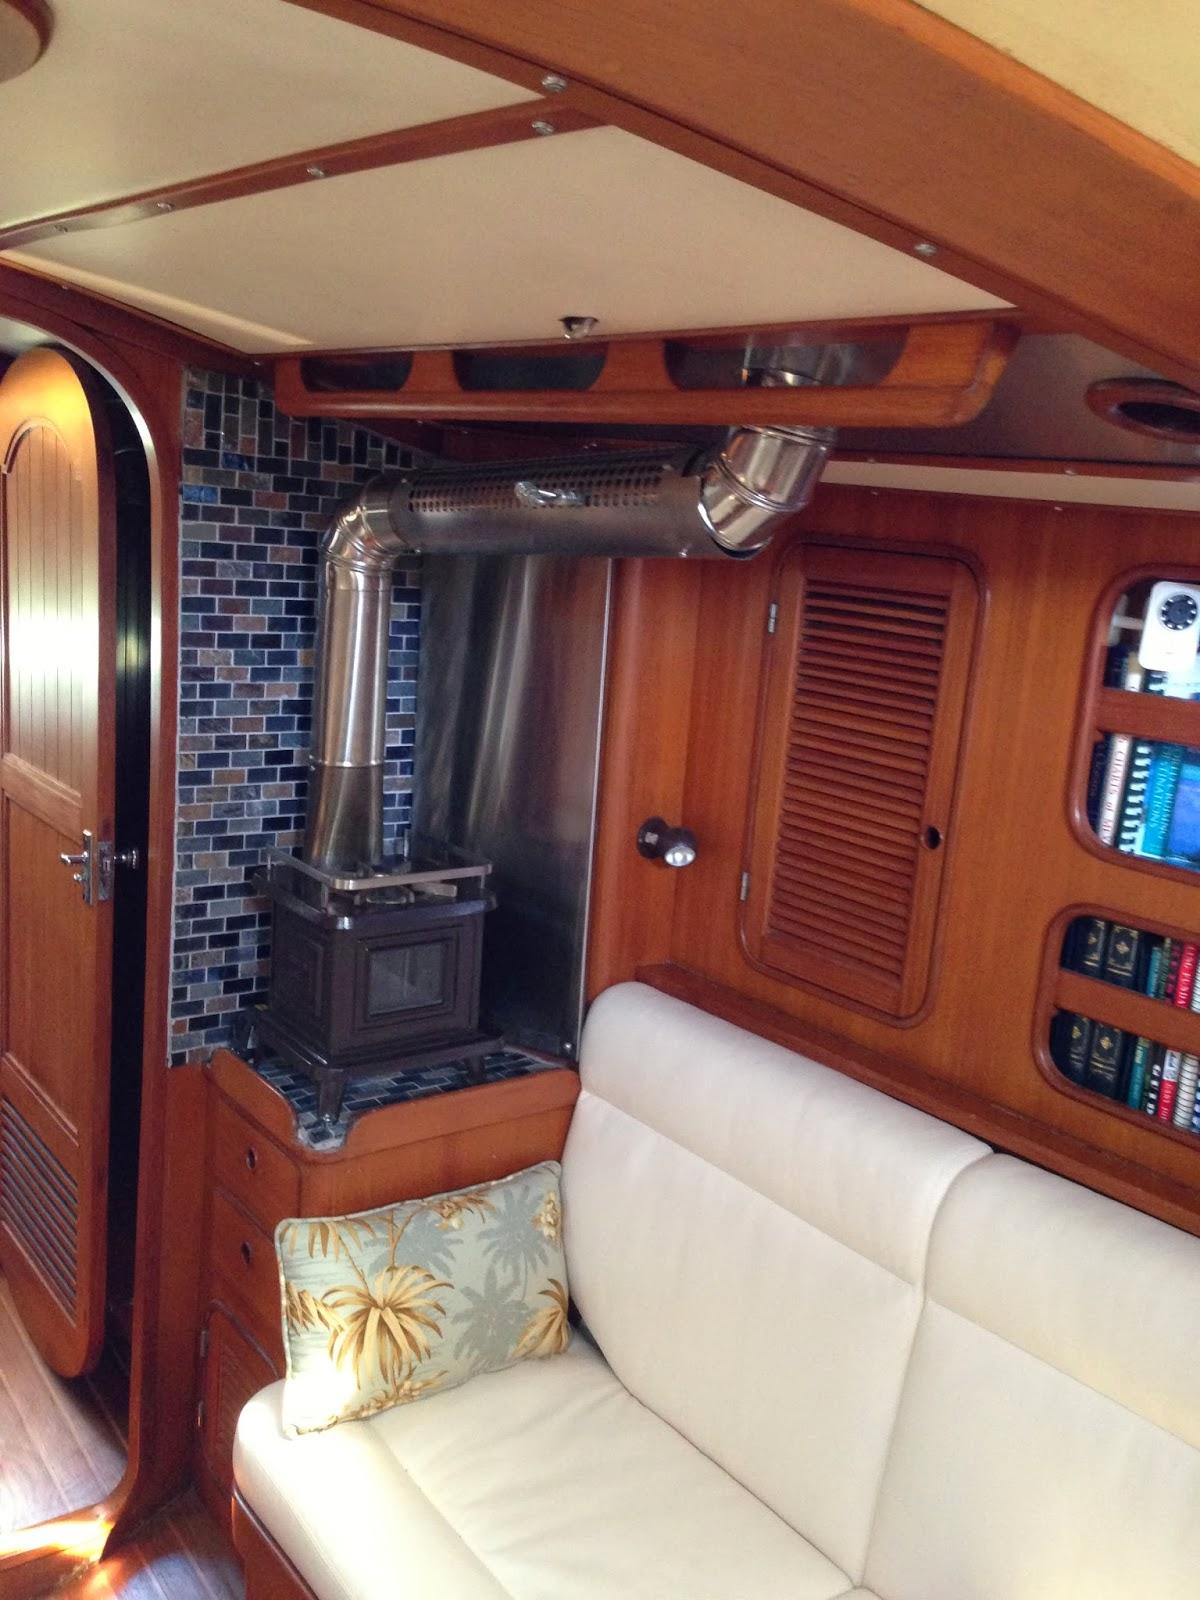 Norseman 447 Cc Center Cockpit Sailboat For Sale